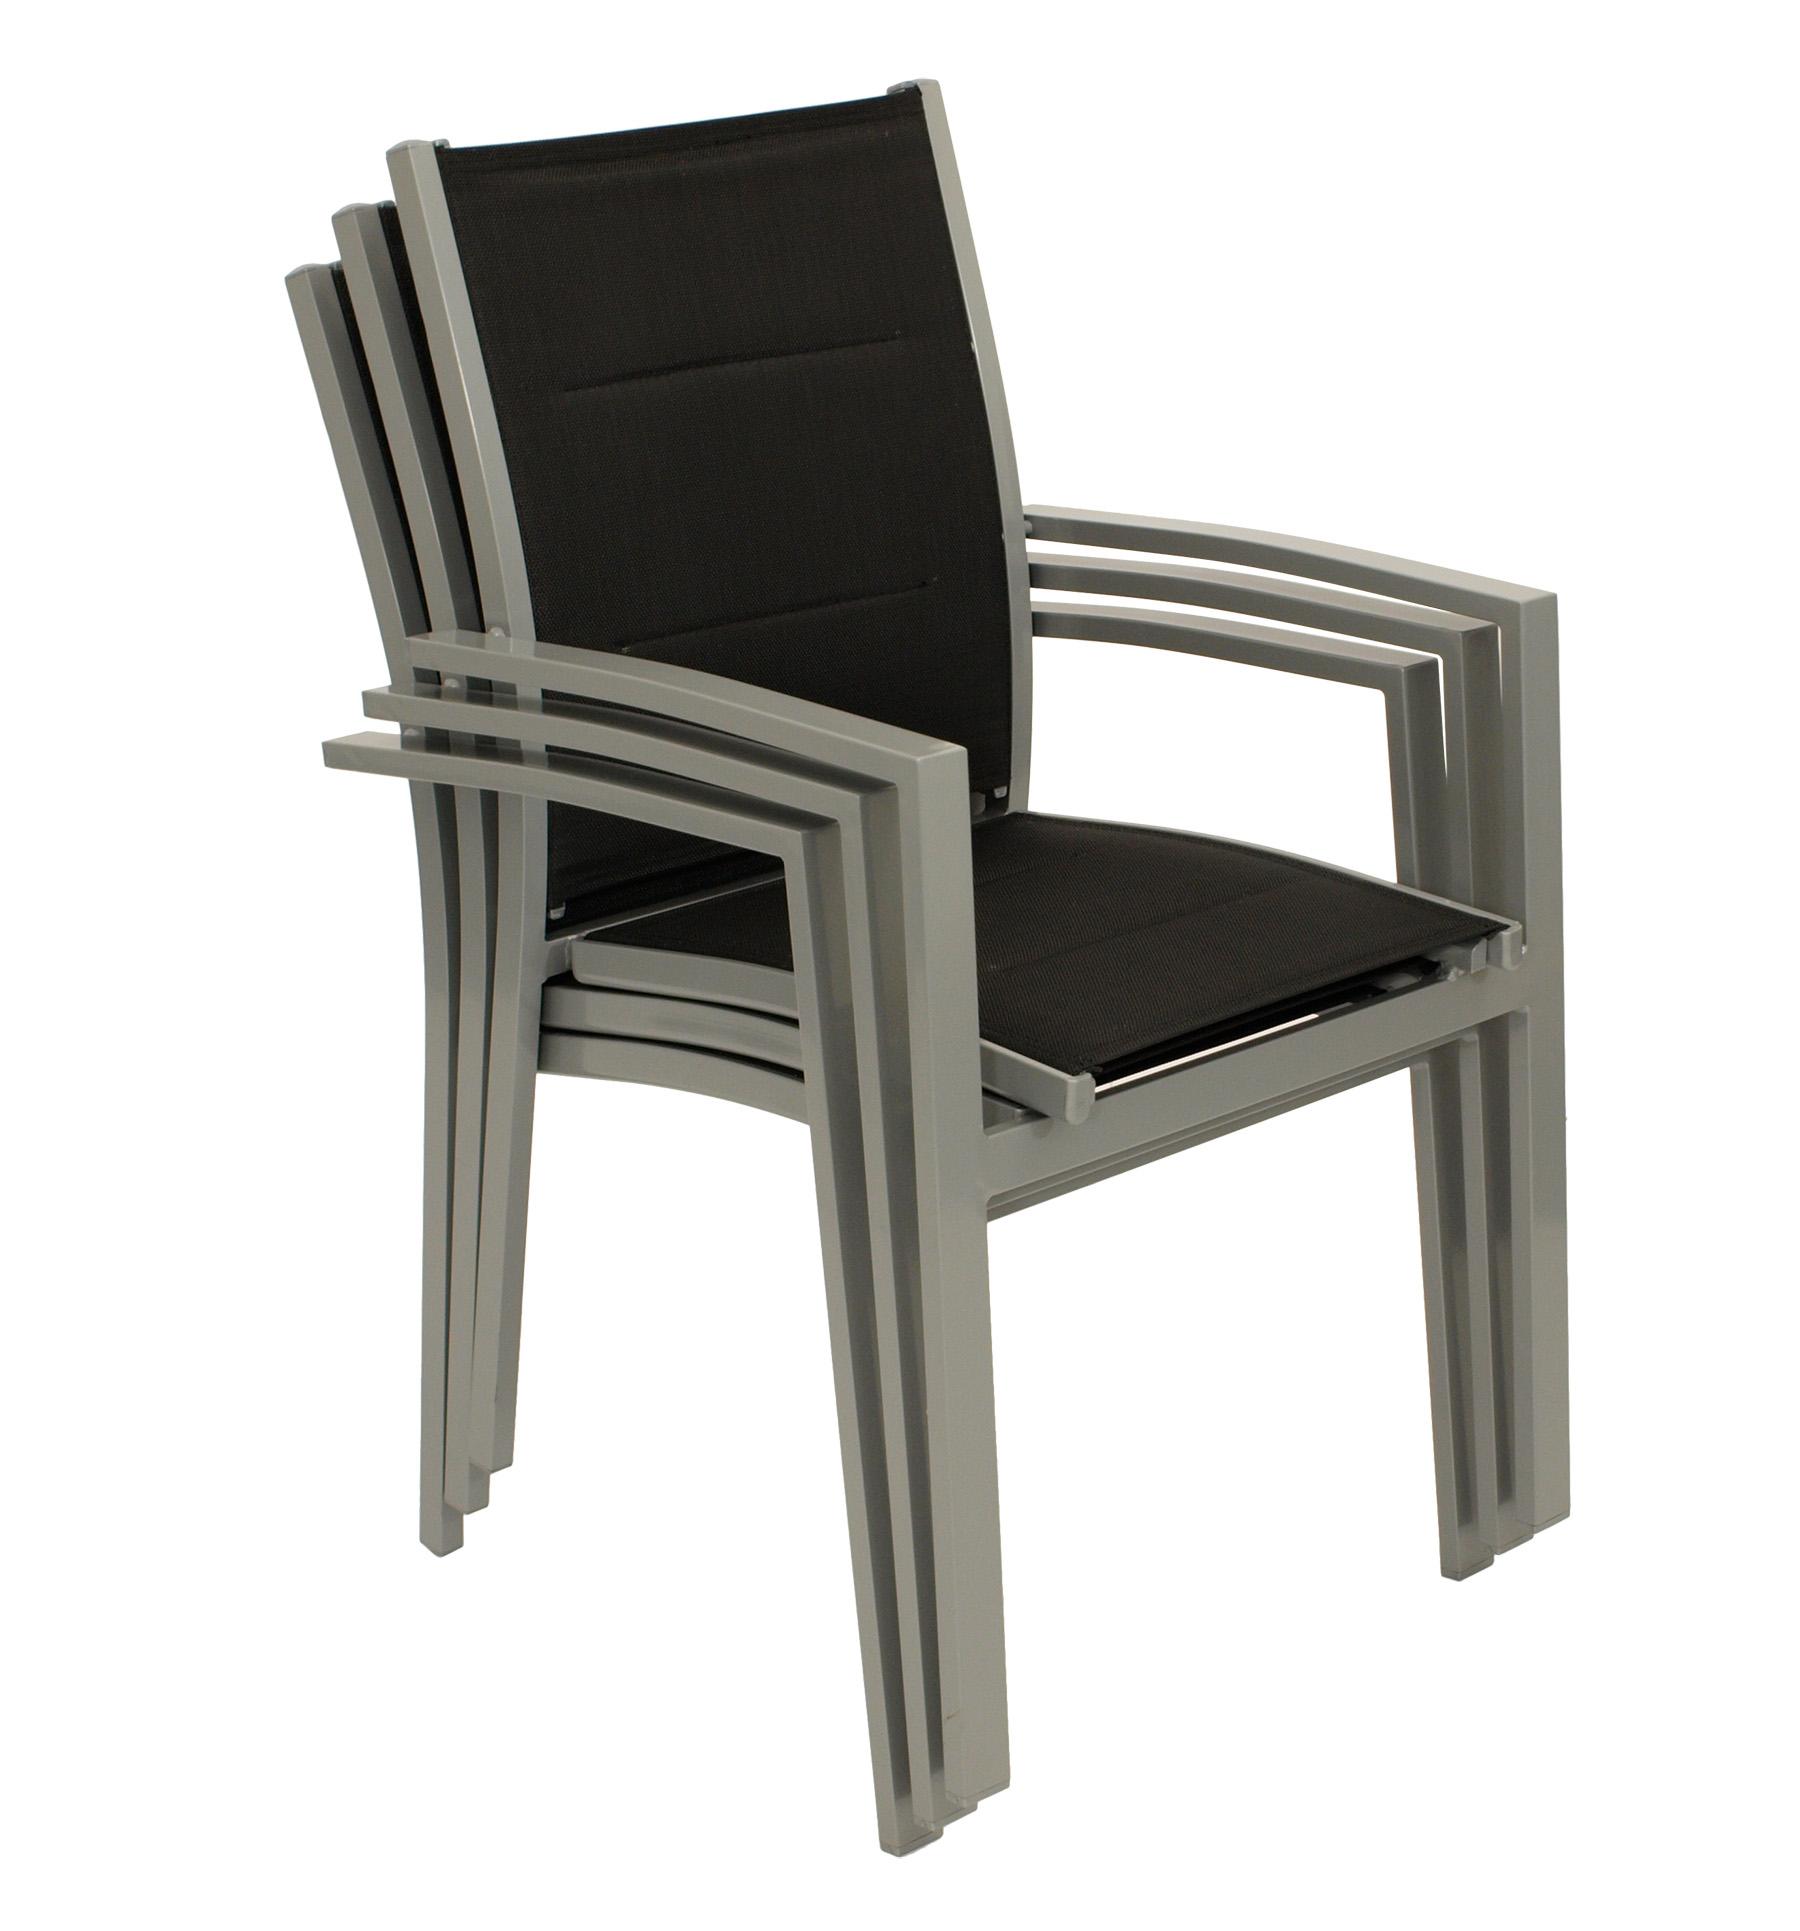 Stapelsessel RIVERA,  Aluminium + Kunstgewebe gepolstert schwarz, 4 Stück